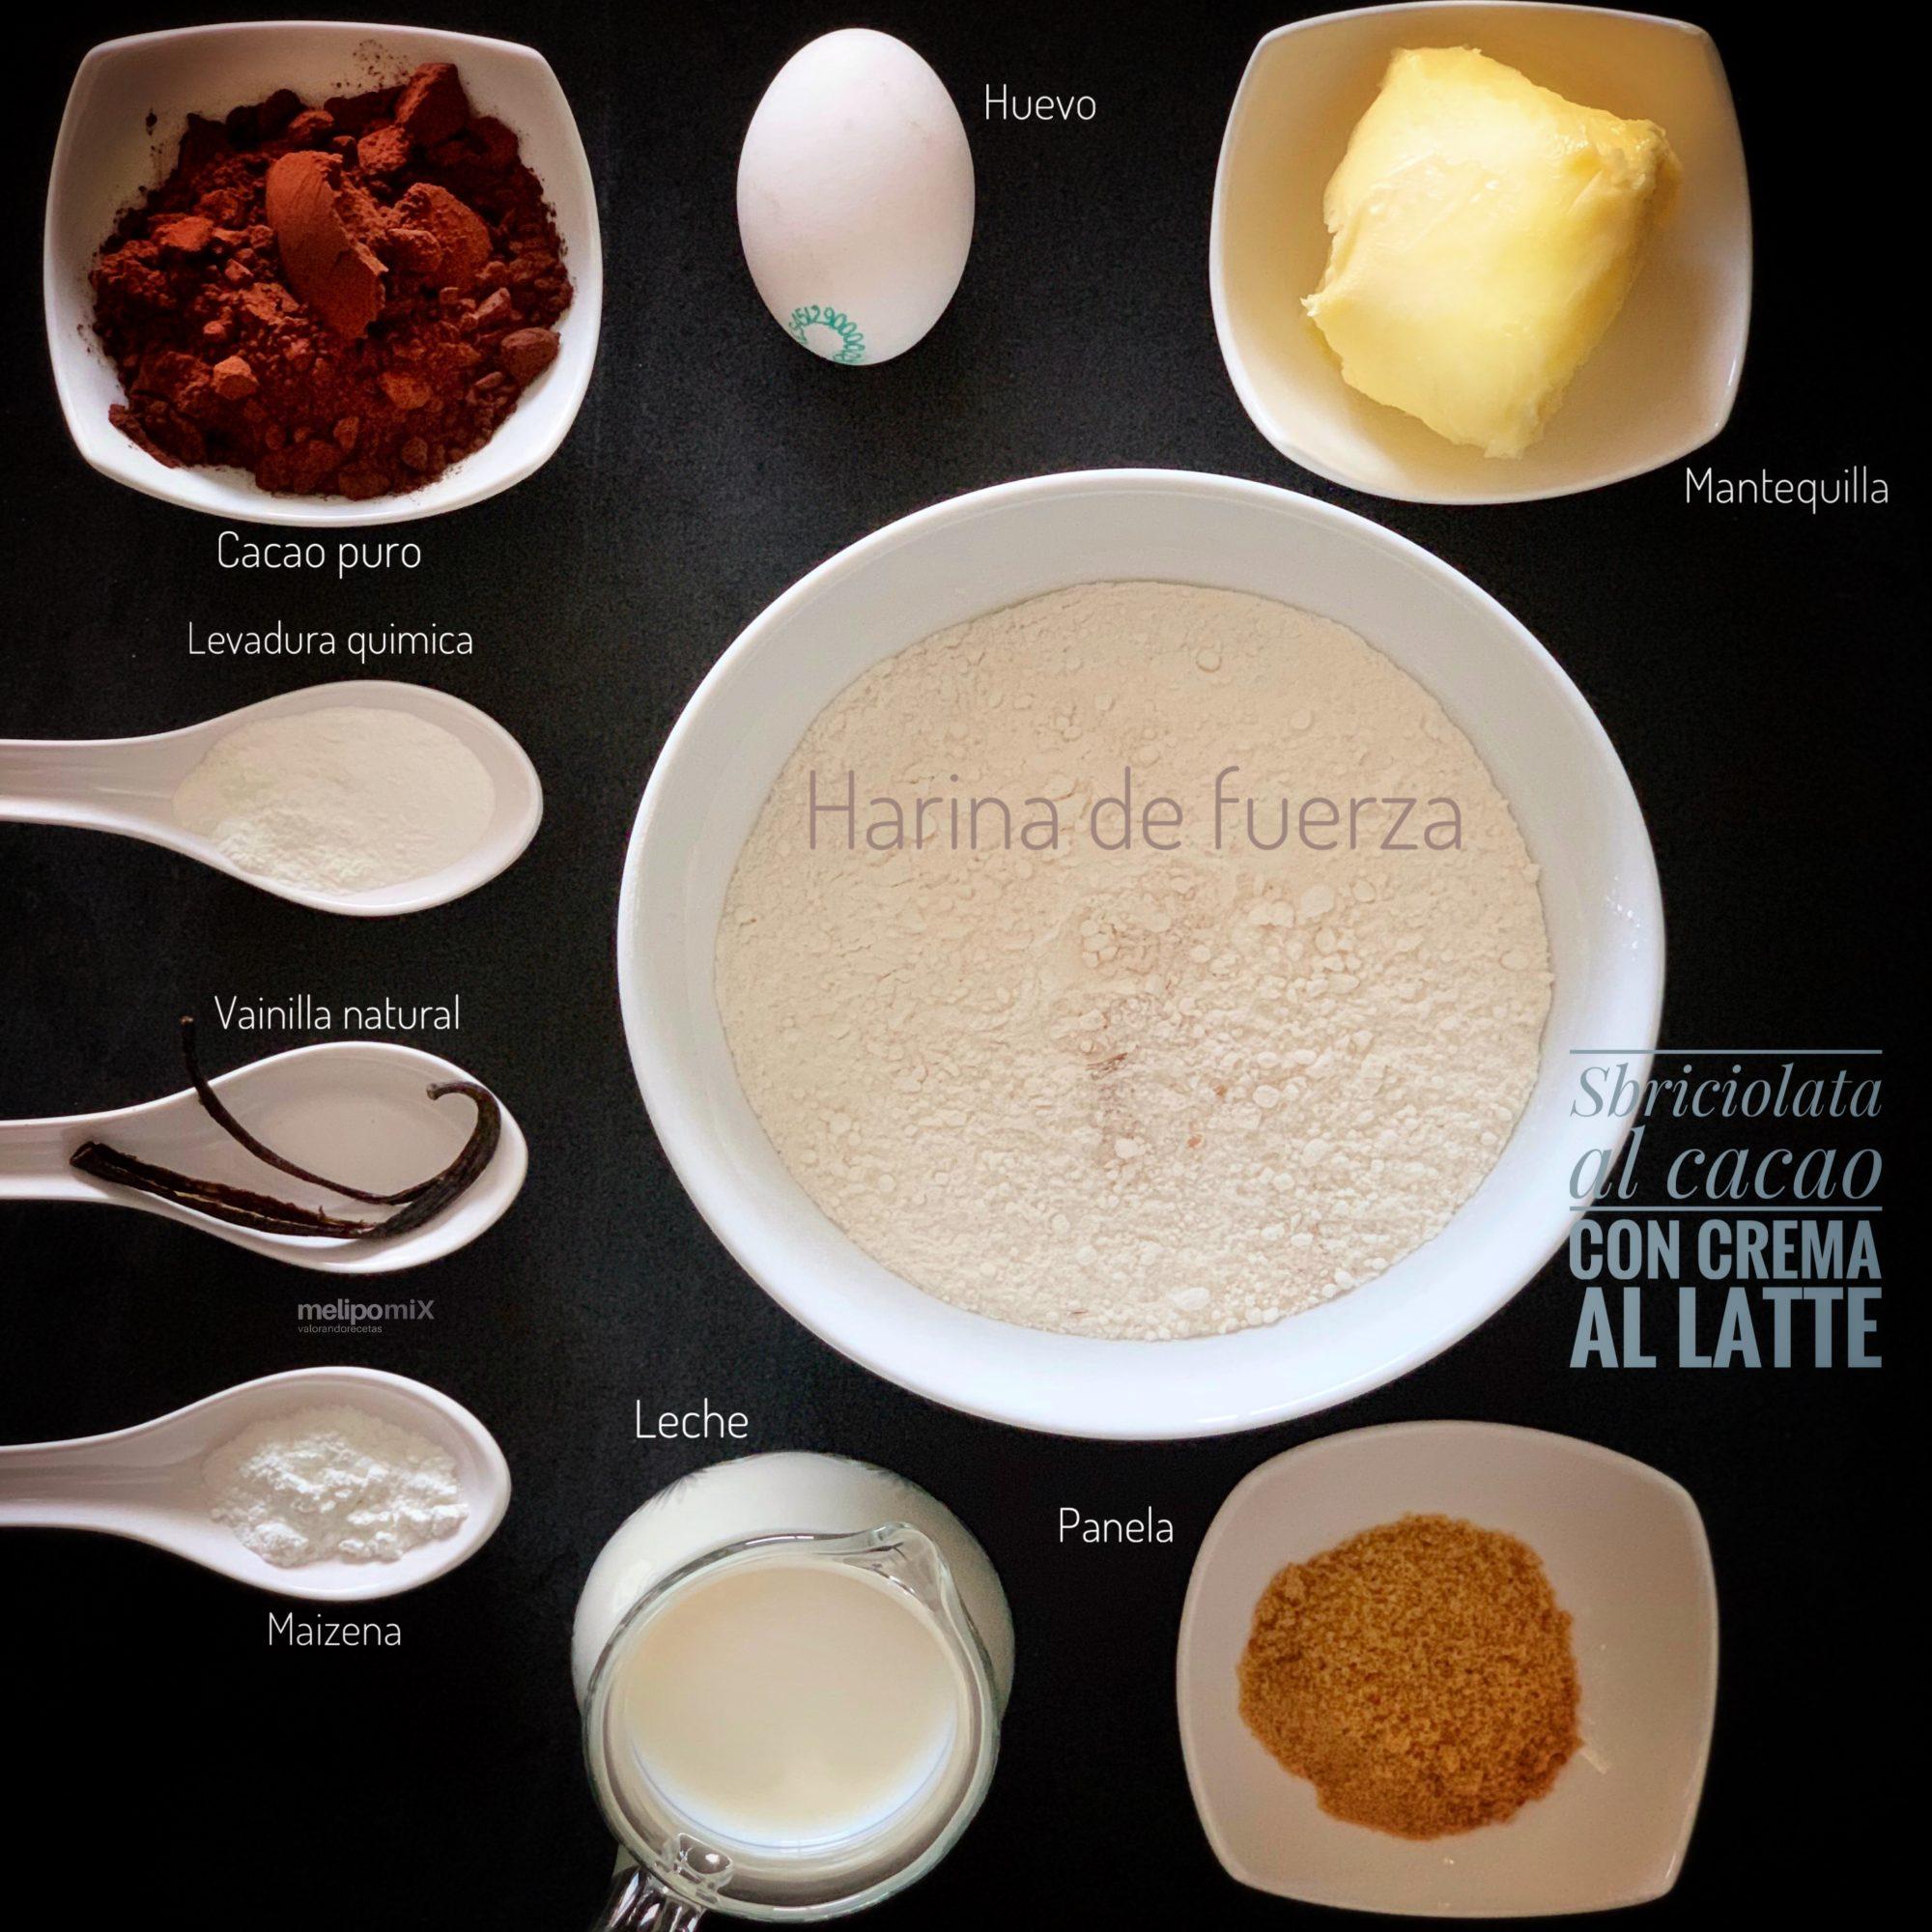 Sbriciolata al cacao con crema al latte